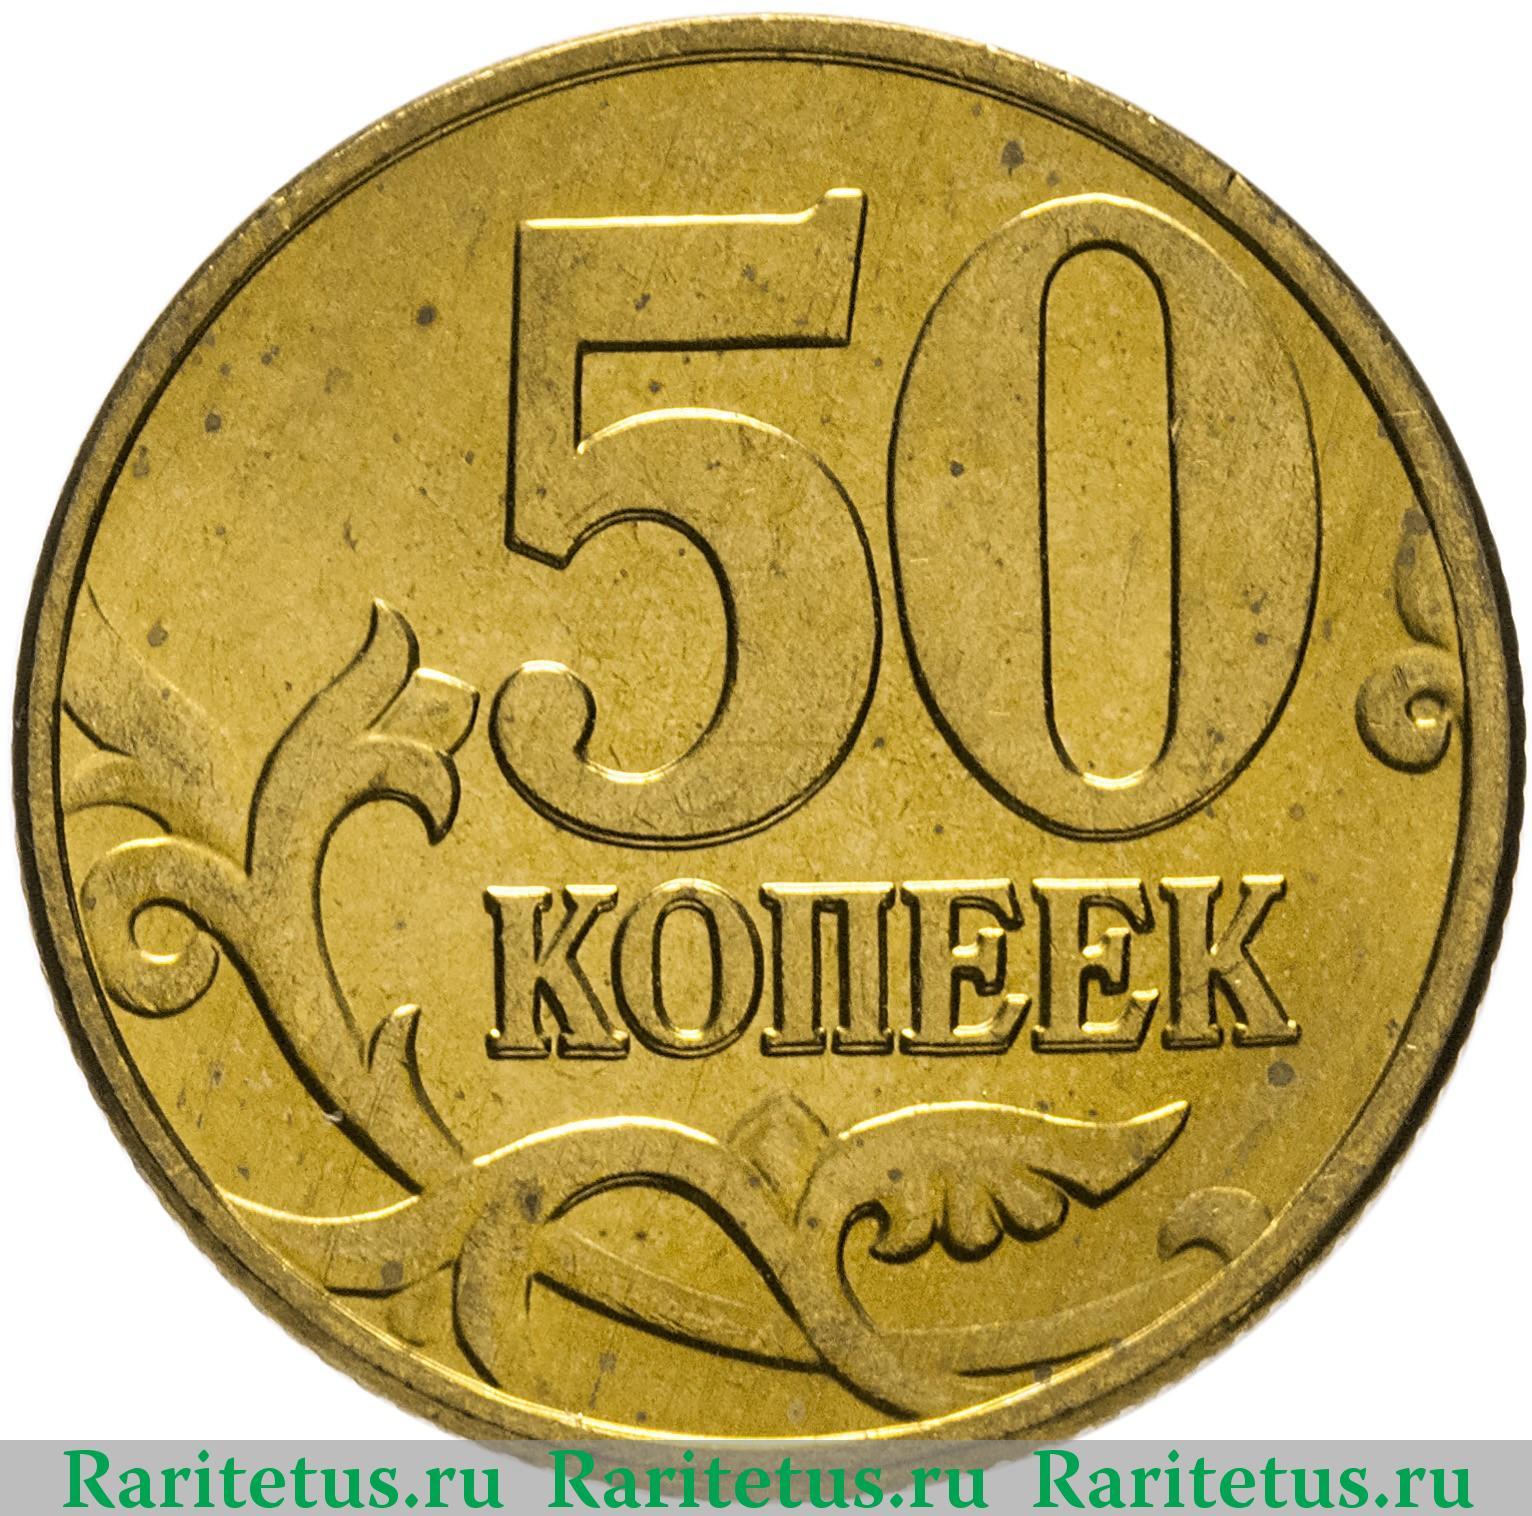 Скупка монет в чите каталог 25 центов 1974 года стоимость